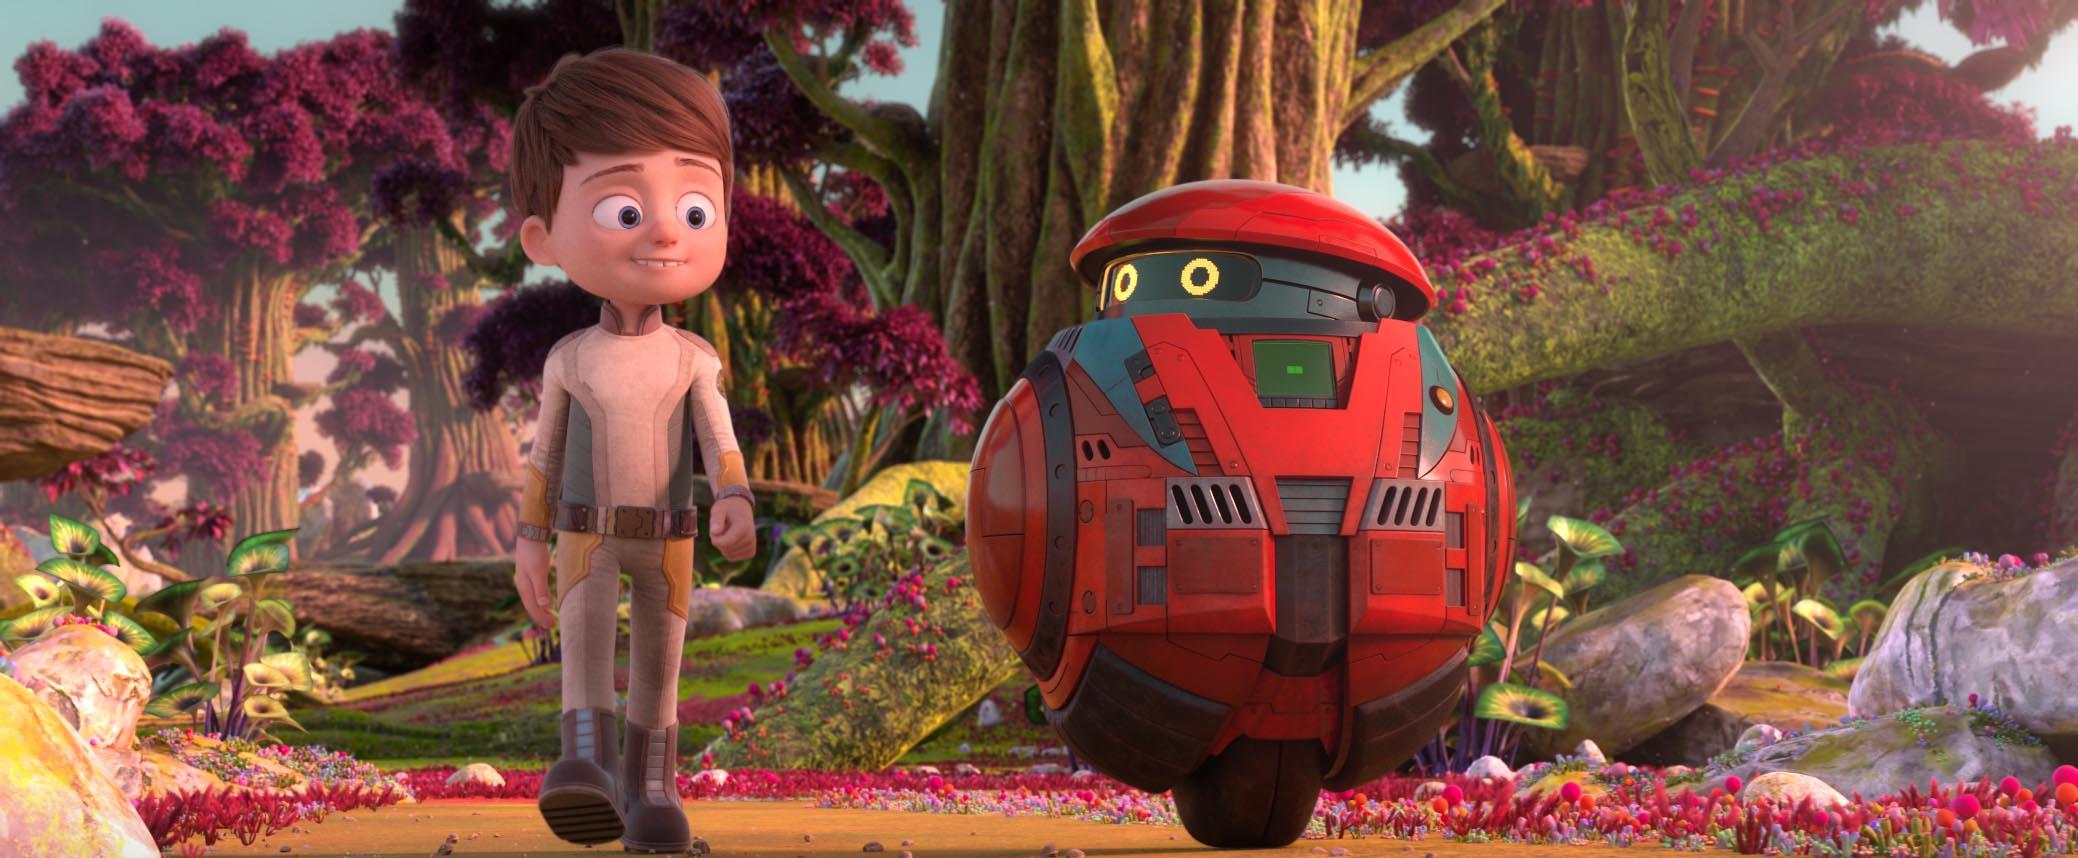 світлини із фильма Фільм - Віллі і таємнича планета